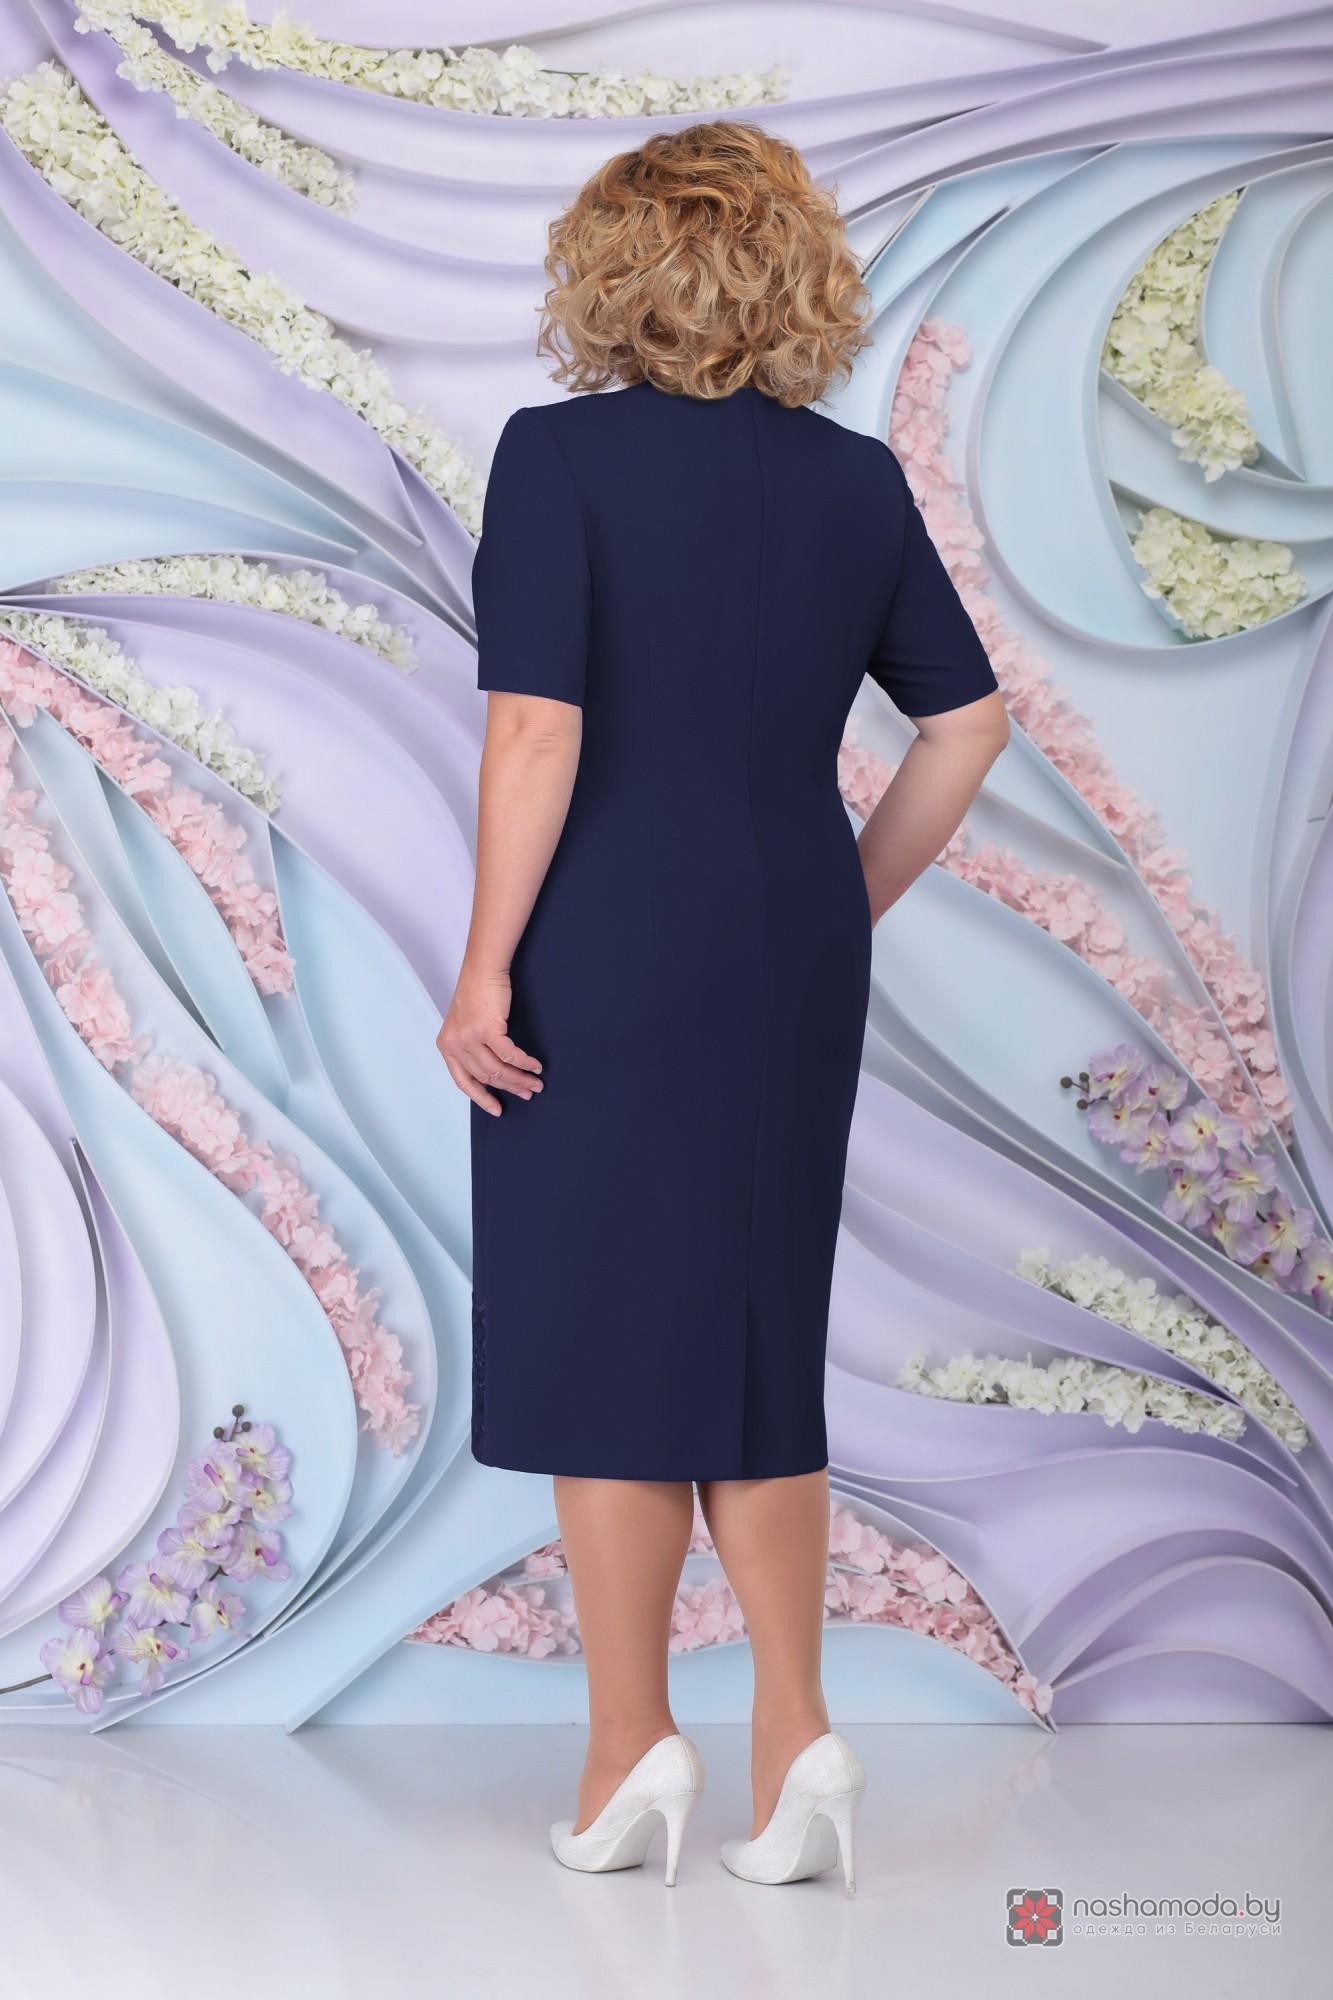 блузка с рельефами фото модель